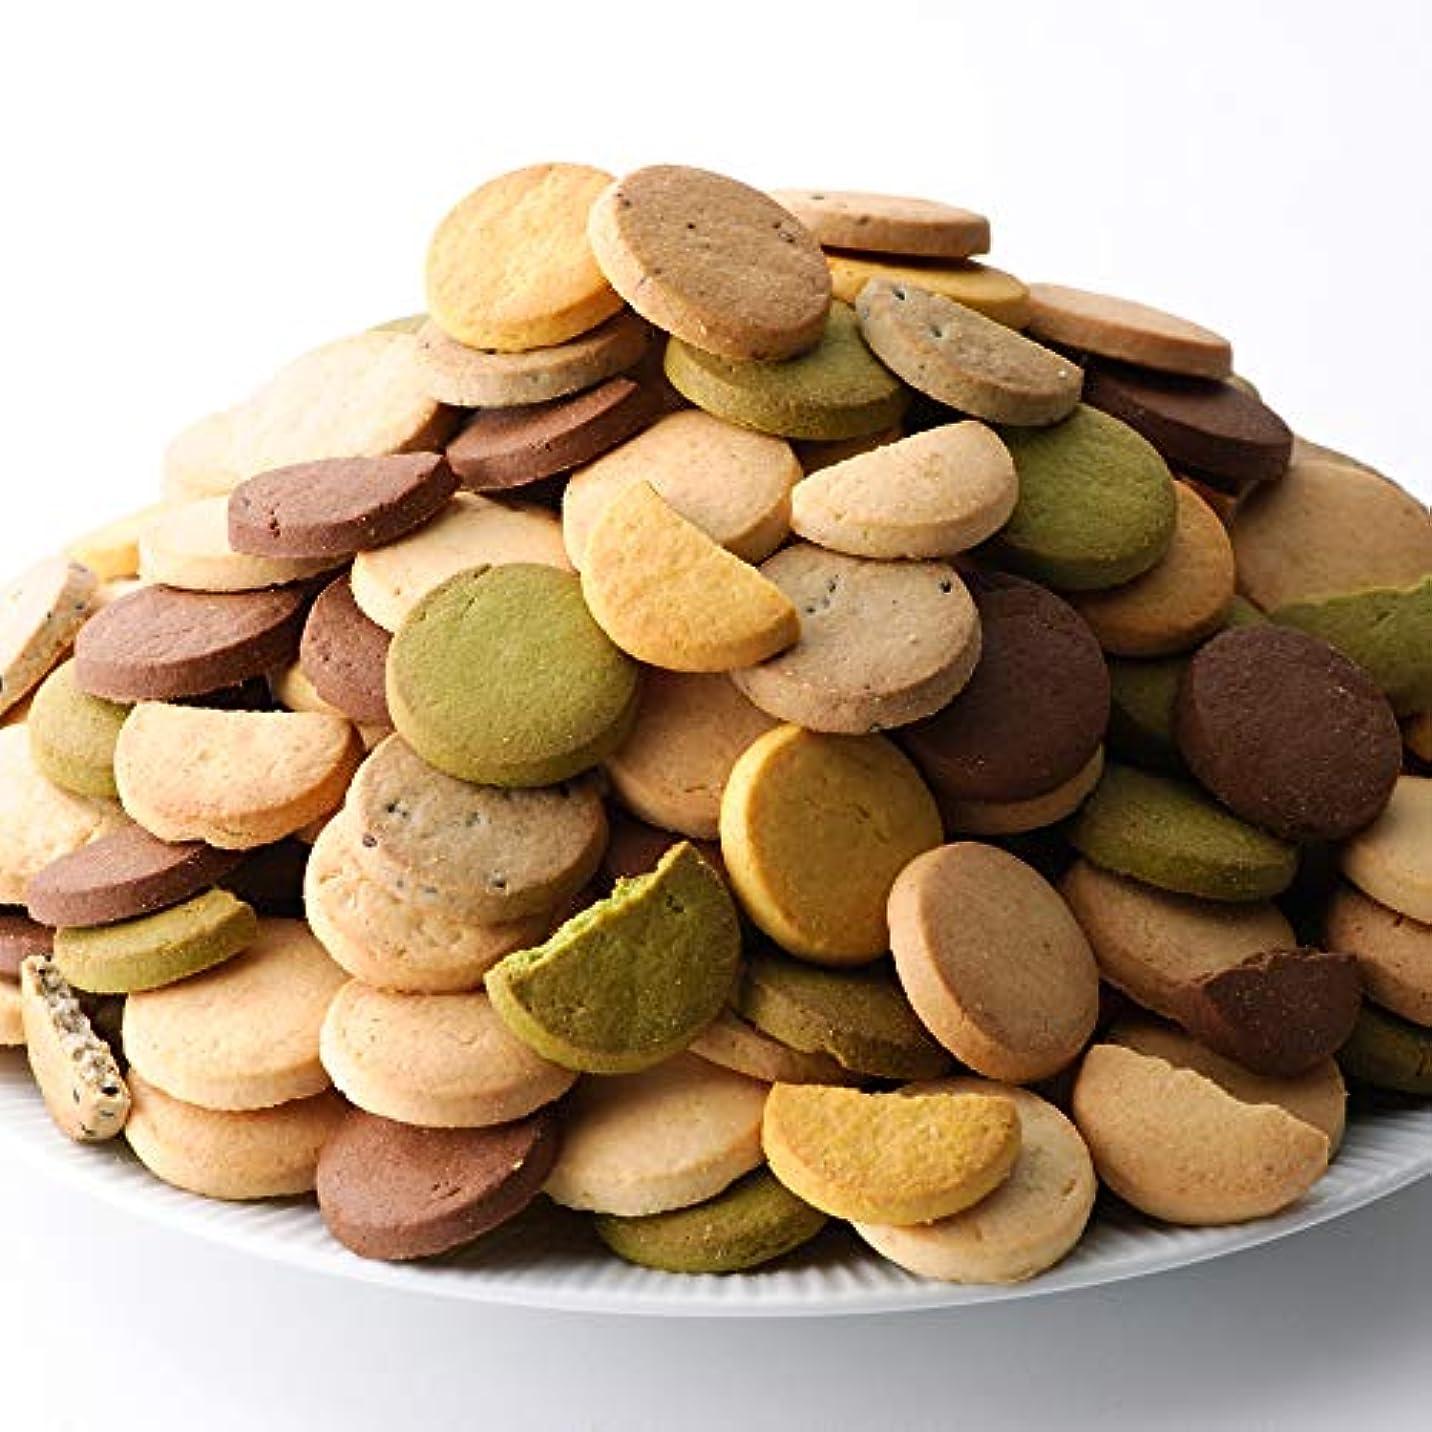 アクロバット低い増強豆乳おからクッキー 1kg(200g×5袋)1枚約16kcal